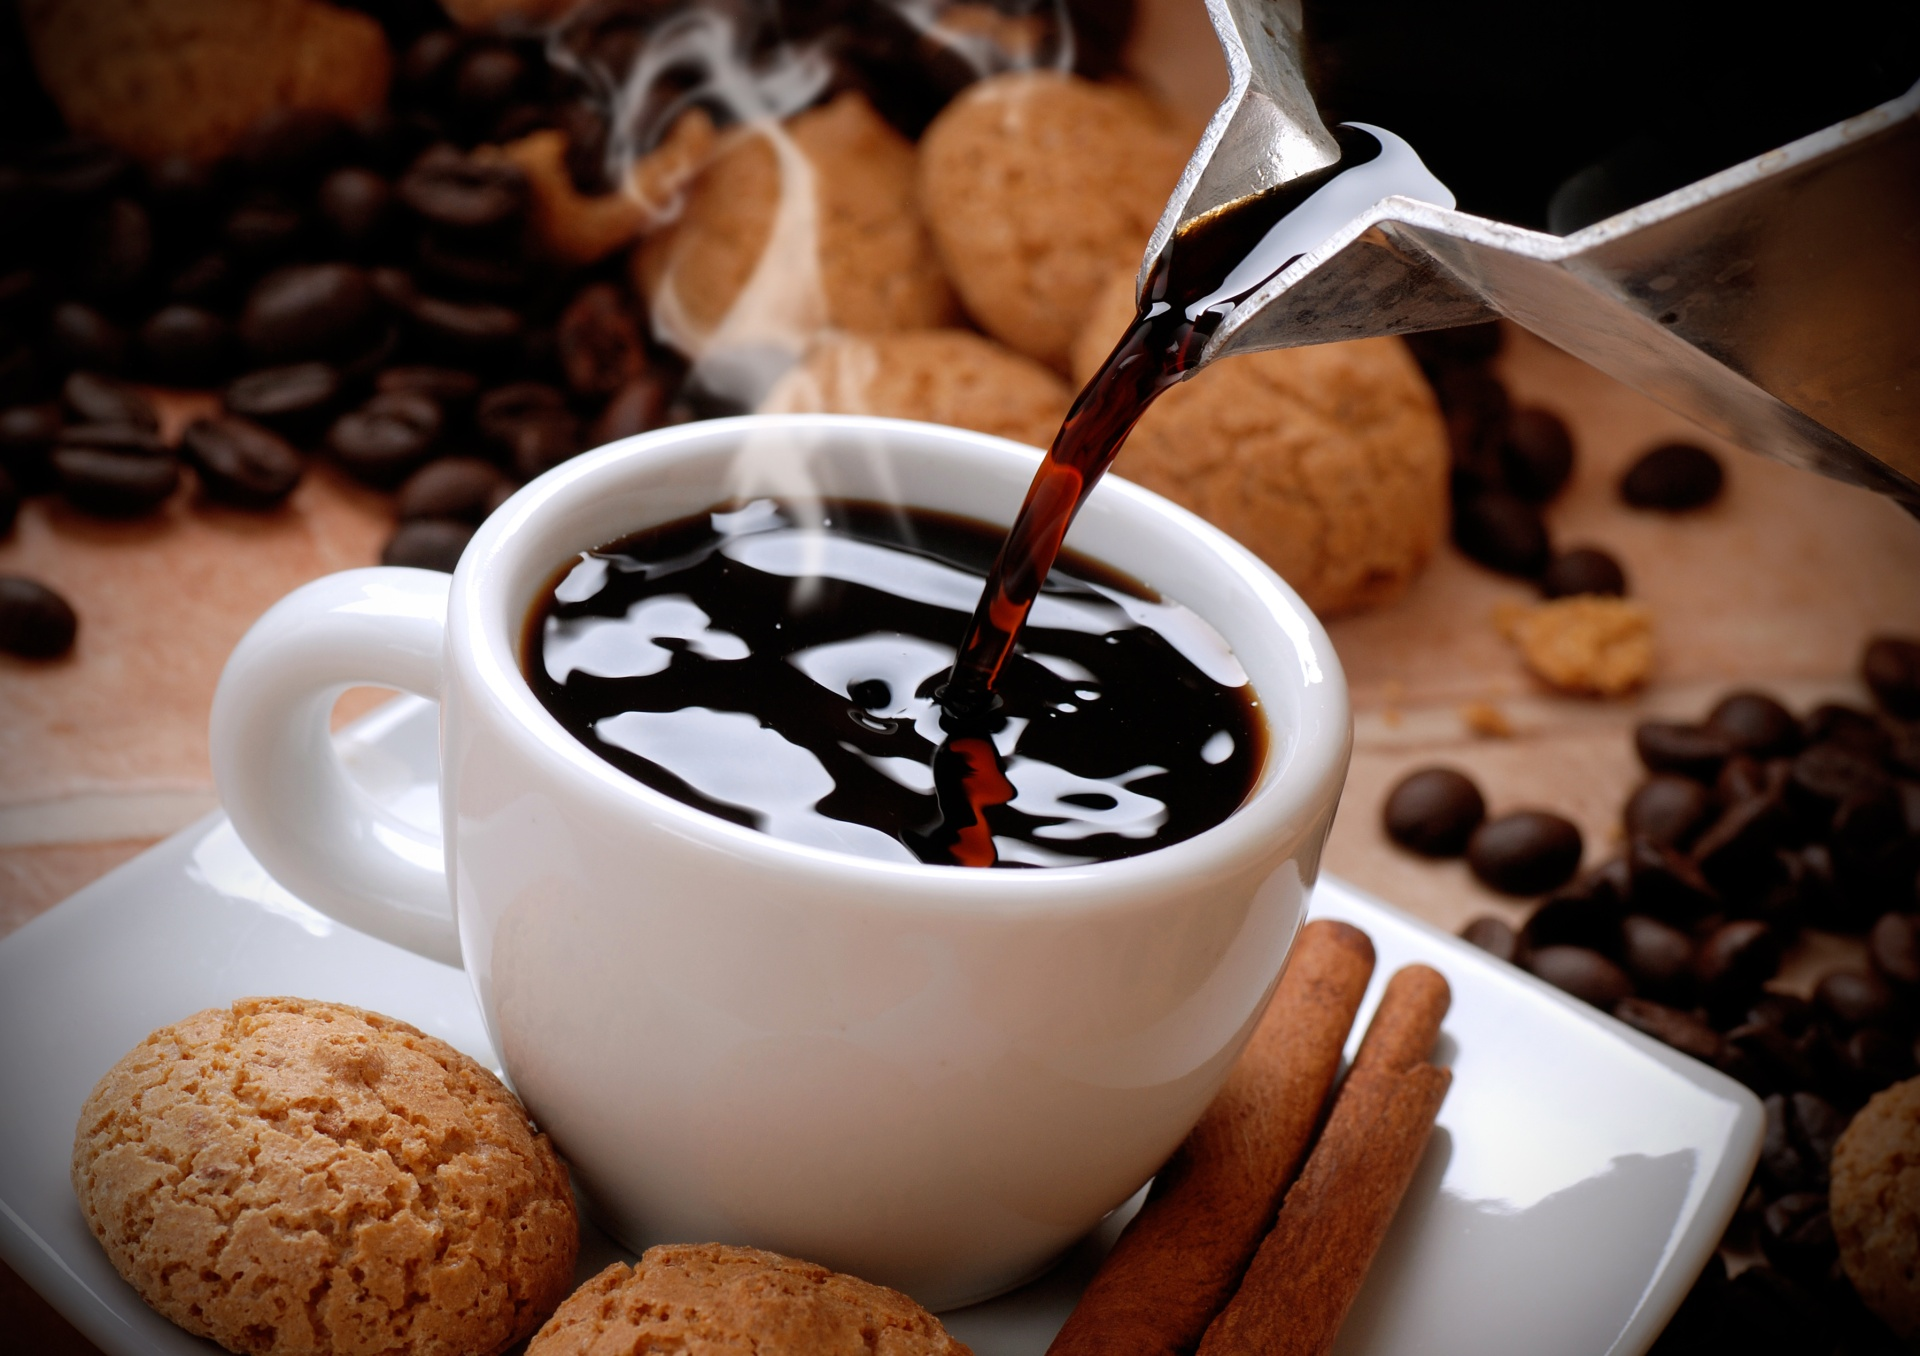 versare il caff caldo nella tazzina bianca